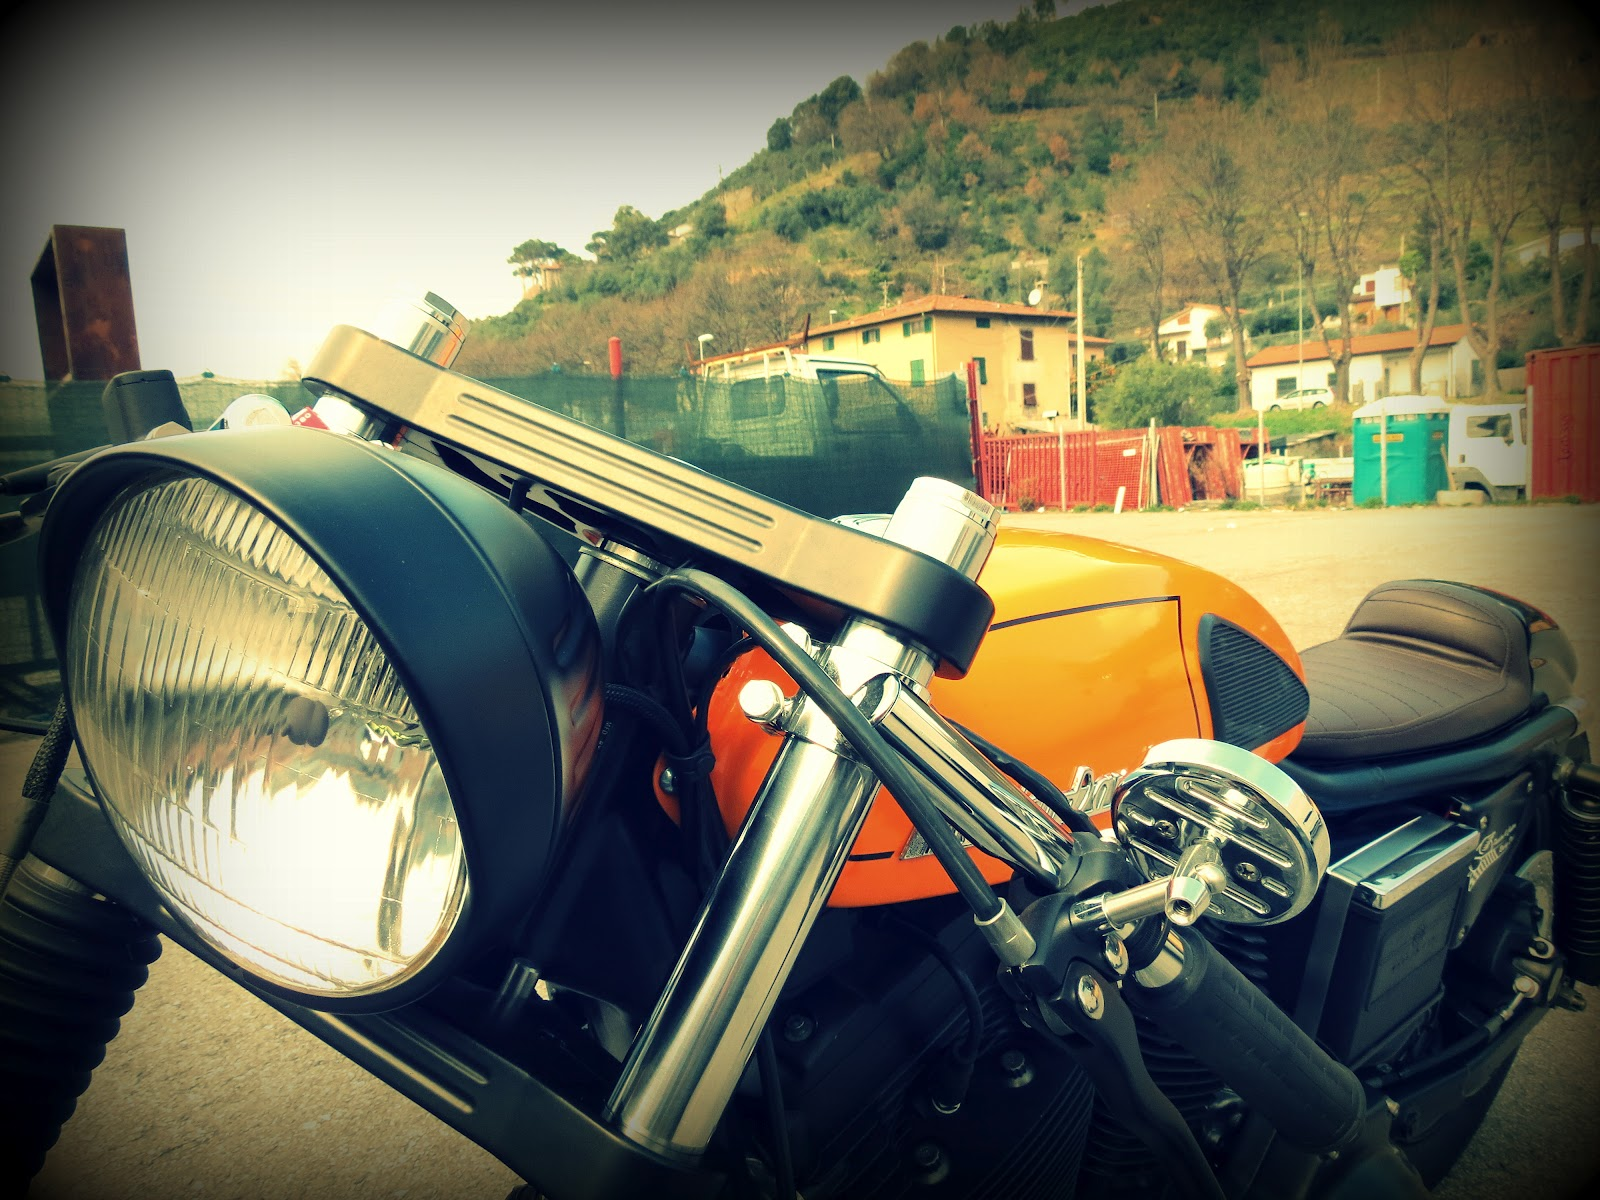 Harley Davidson Sporty 883 Cafe RacerHarley Davidson 883 Cafe Racer